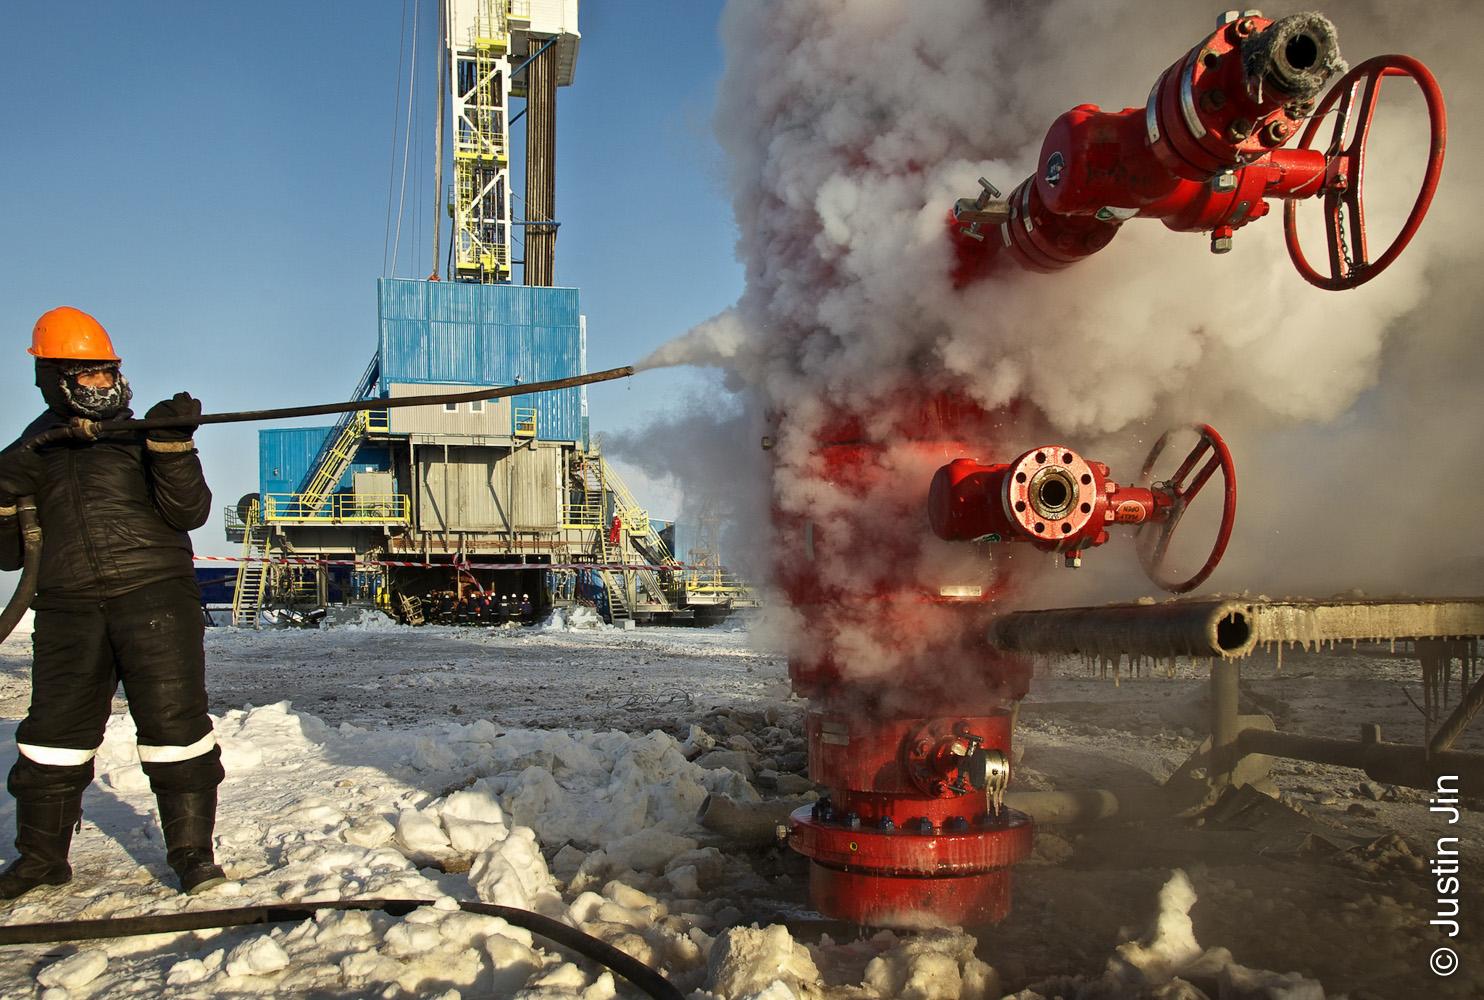 Пример из практики 1: Wintershall BASF Посреди замерзших пустынных земель Сибири немцам и русским приходится справляться с препятствиями в виде суровых климатических условий и политических разногласий, чтобы вместе обеспечивать Европу электричеством. Компания Wintershall, являющаяся крупнейшим поставщиком электроэнергии Германии и дочерним предприятием концерна BASF, ведут весьма непростой и деликатный диалог с Российской стороной. В 2010 году Wintershall назначила меня своим фотографом, чтобы показать сомневающейся немецкой общественности суть этих своеобразных партнерских отношений и обрисовать реальную ситуацию при помощи медиа-рассказа.